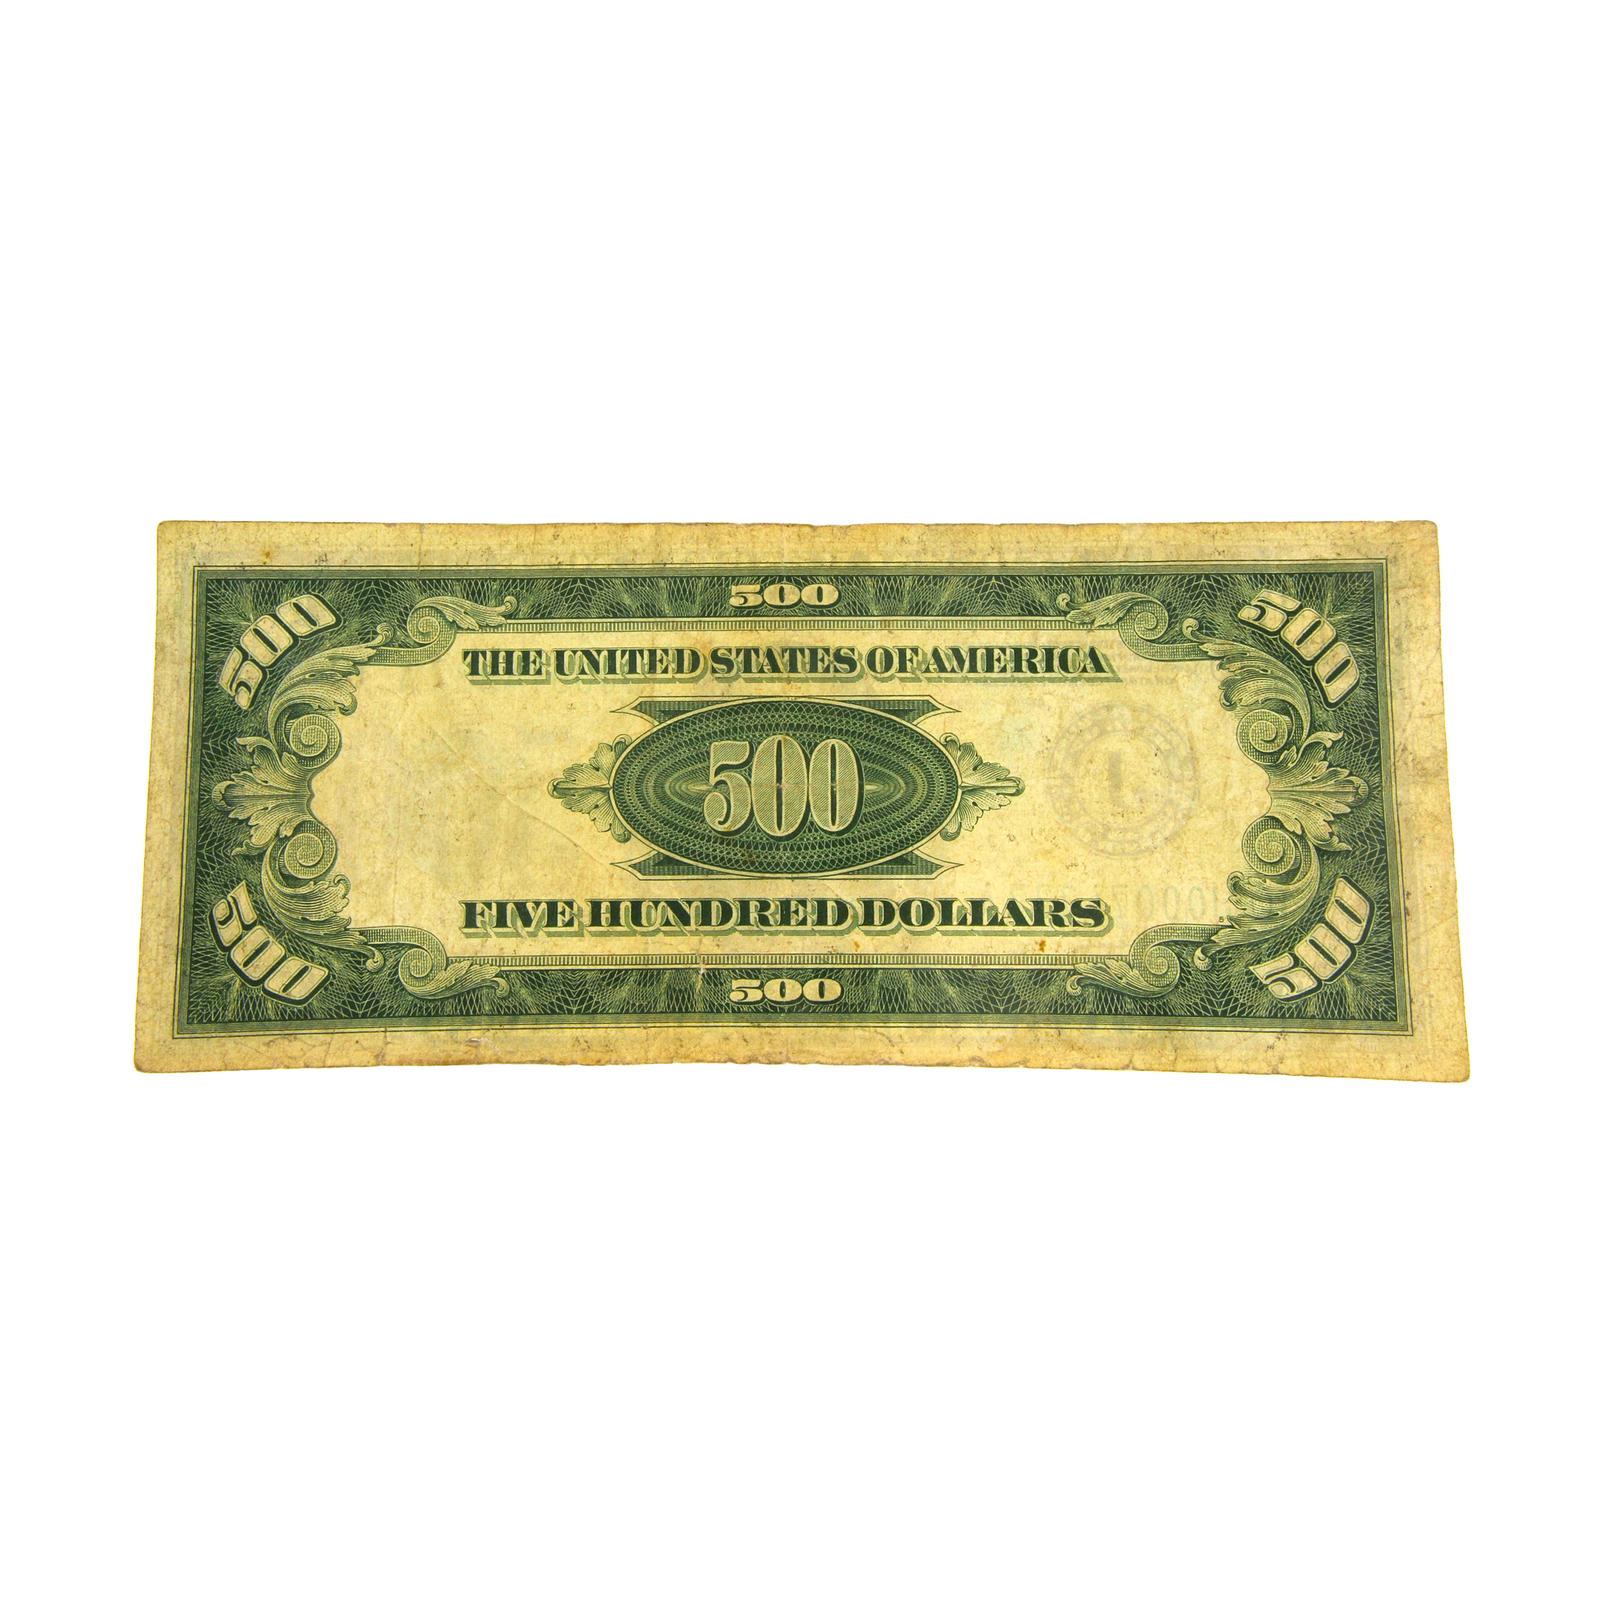 1934 $500 Federal Reserve Note Five hundred  Dollar J image 2